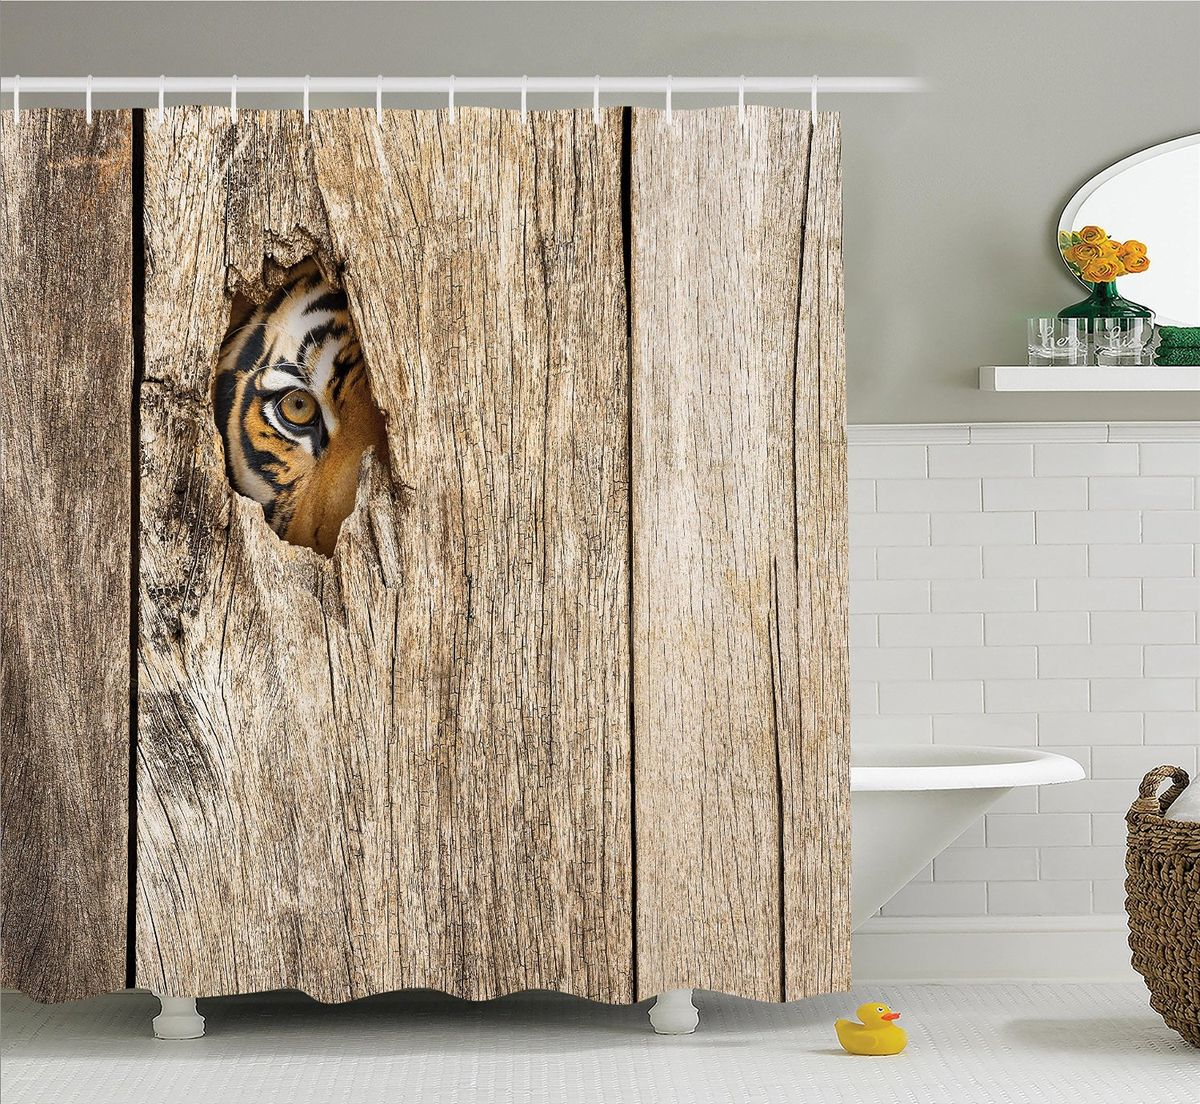 Штора для ванной комнаты Magic Lady Любопытный тигр, 180 х 200 см фотоштора для ванной утка принимает душ magic lady 180 х 200 см